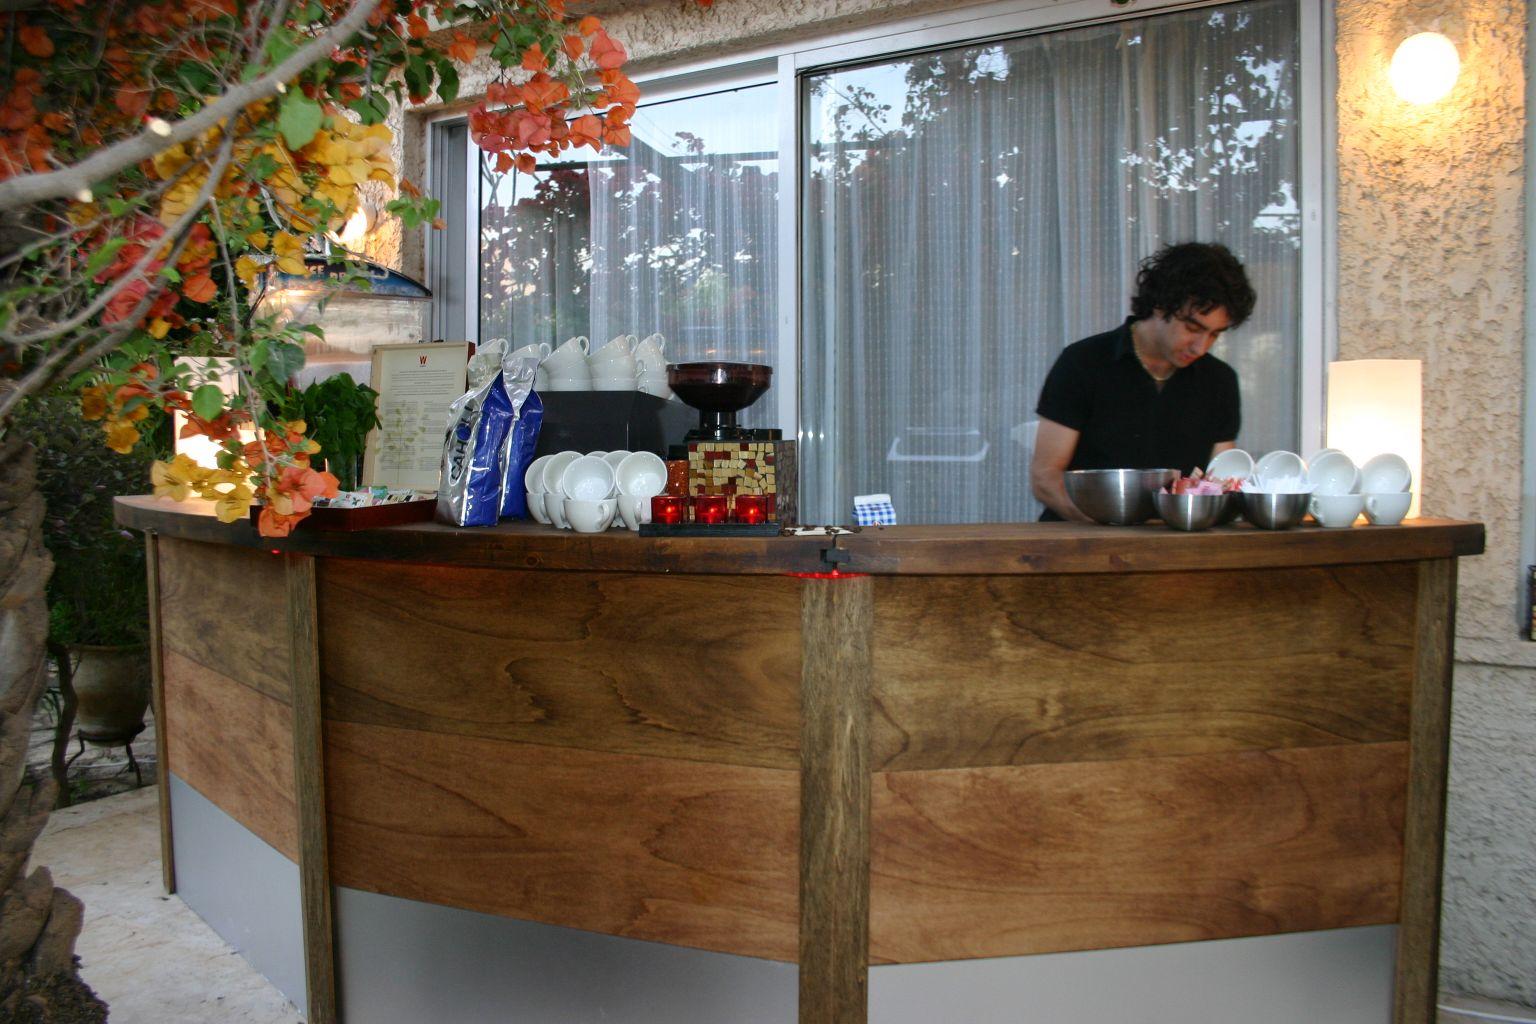 בר קפה לאירועים פרטיים ושמחות  בחצר בית פרטי.